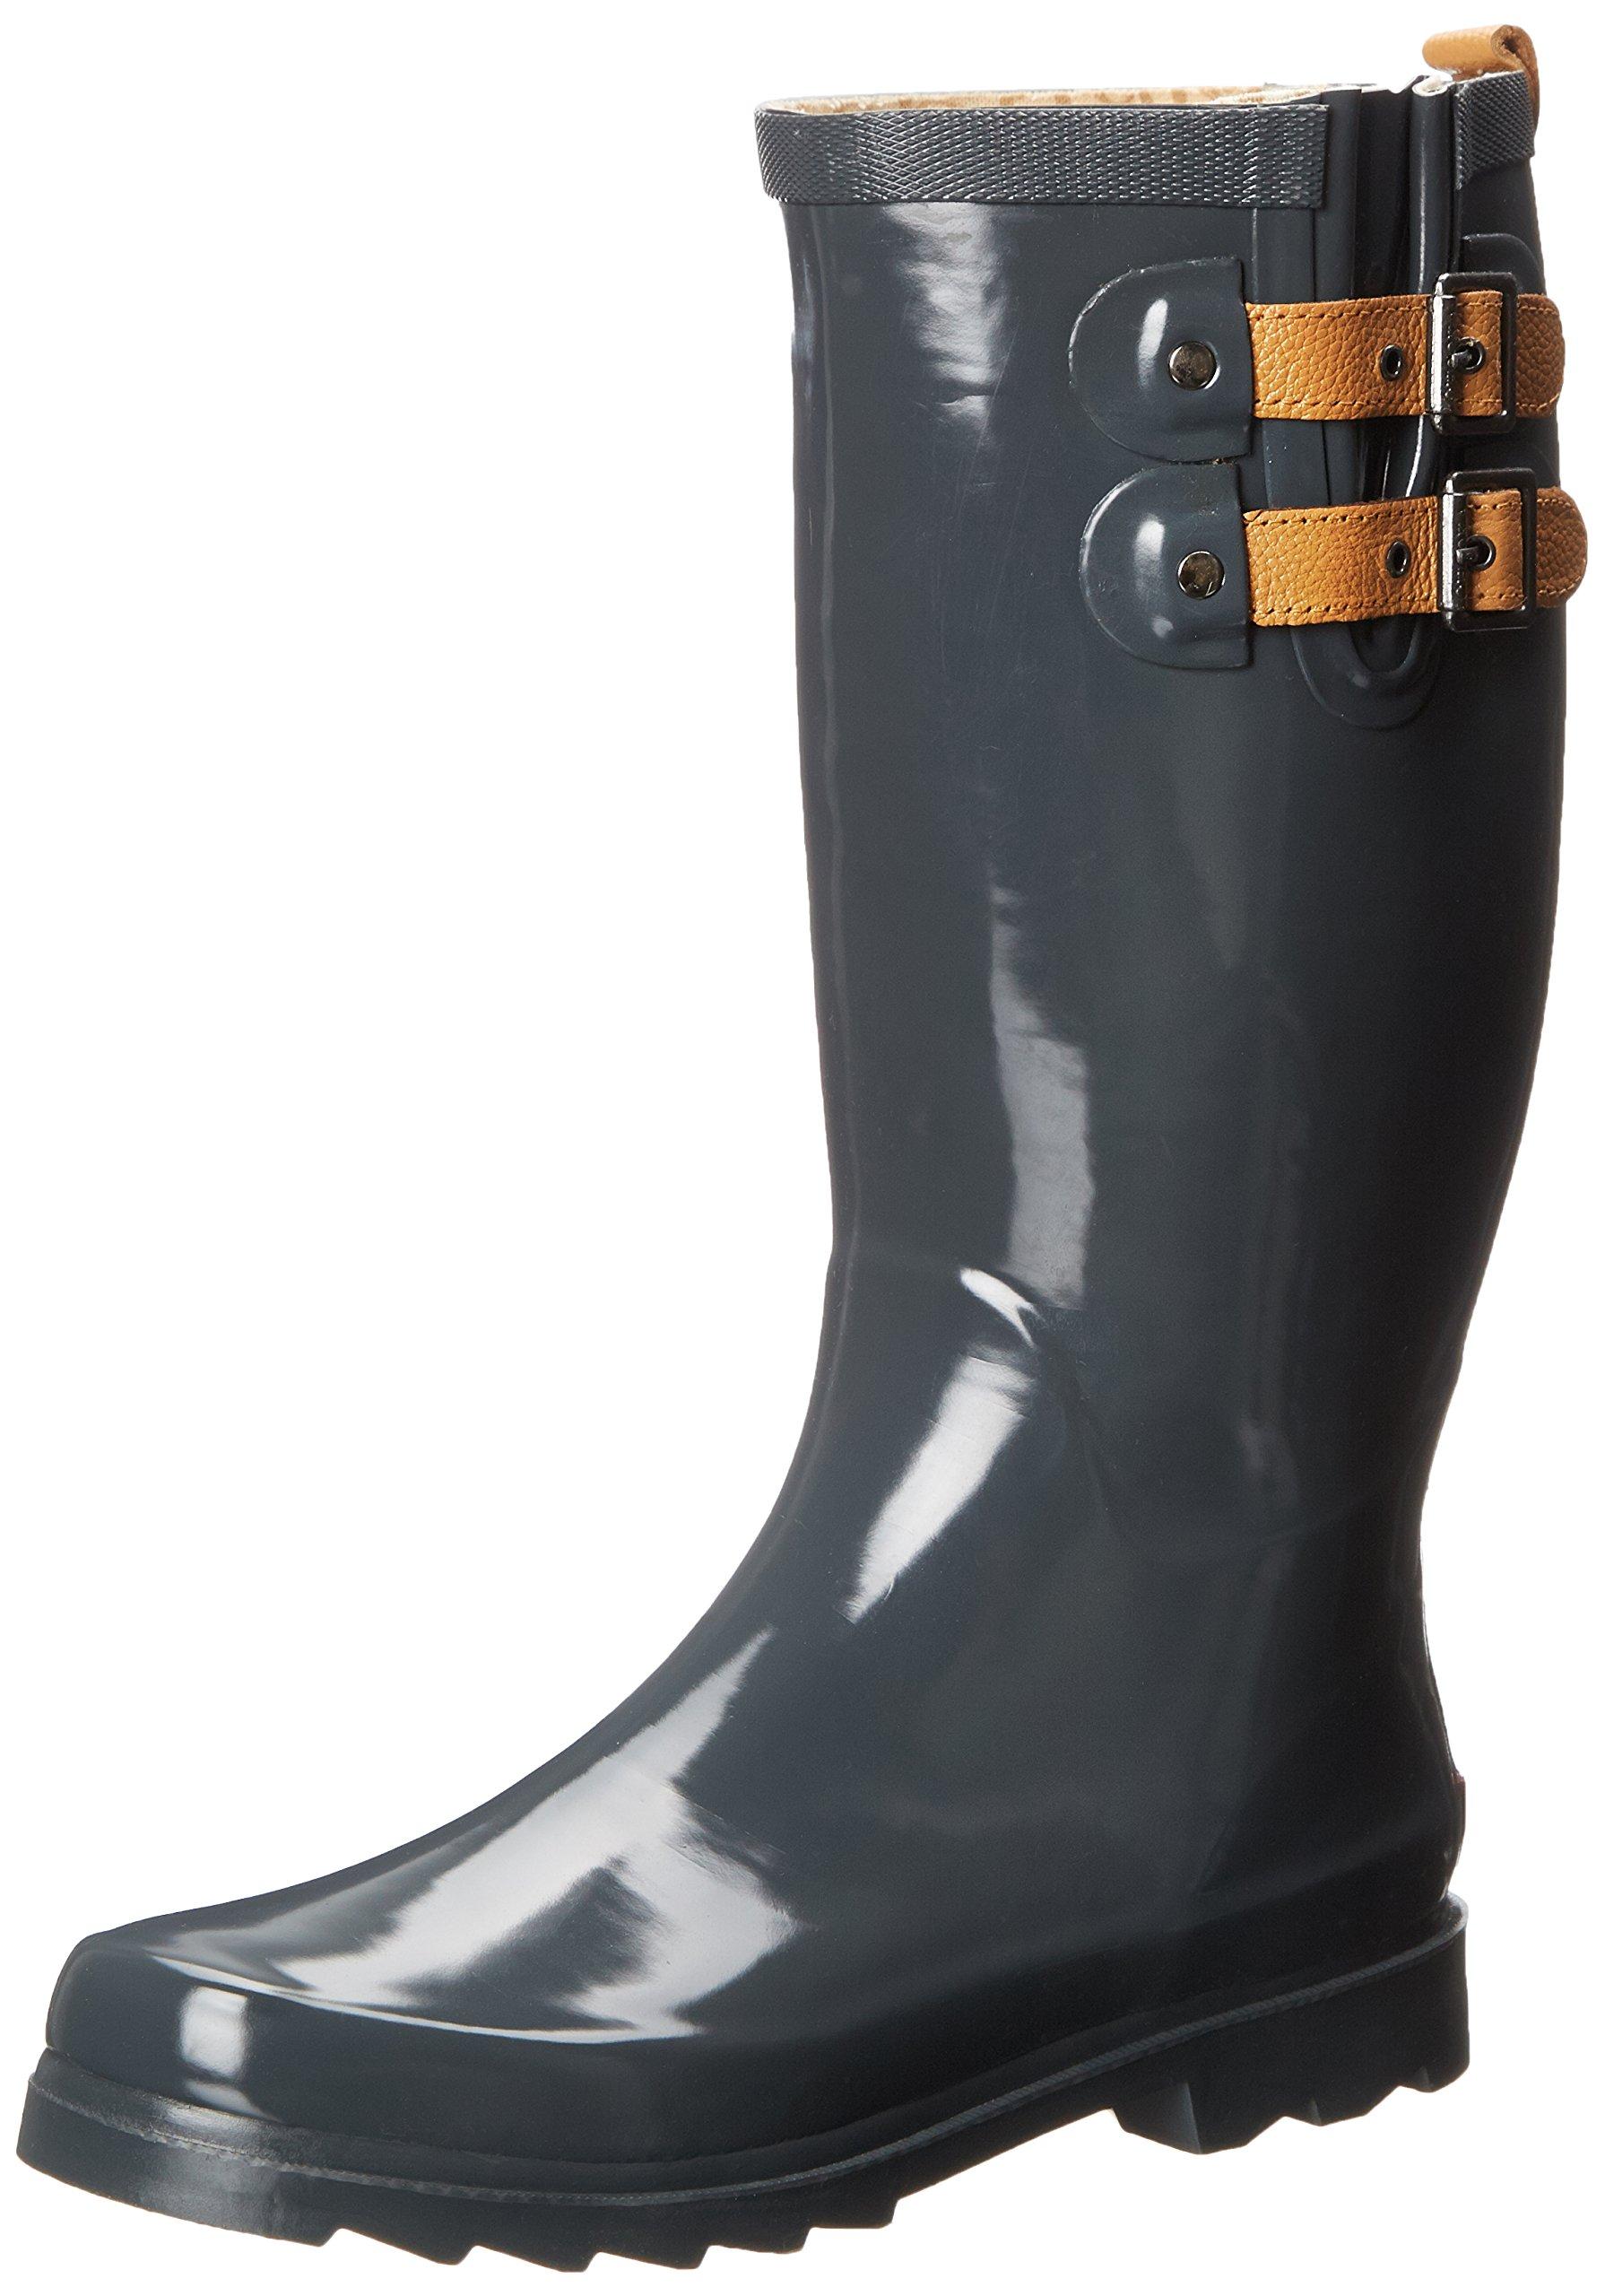 Chooka Women's Top Solid Rain Boot, Charcoal, 6 M US